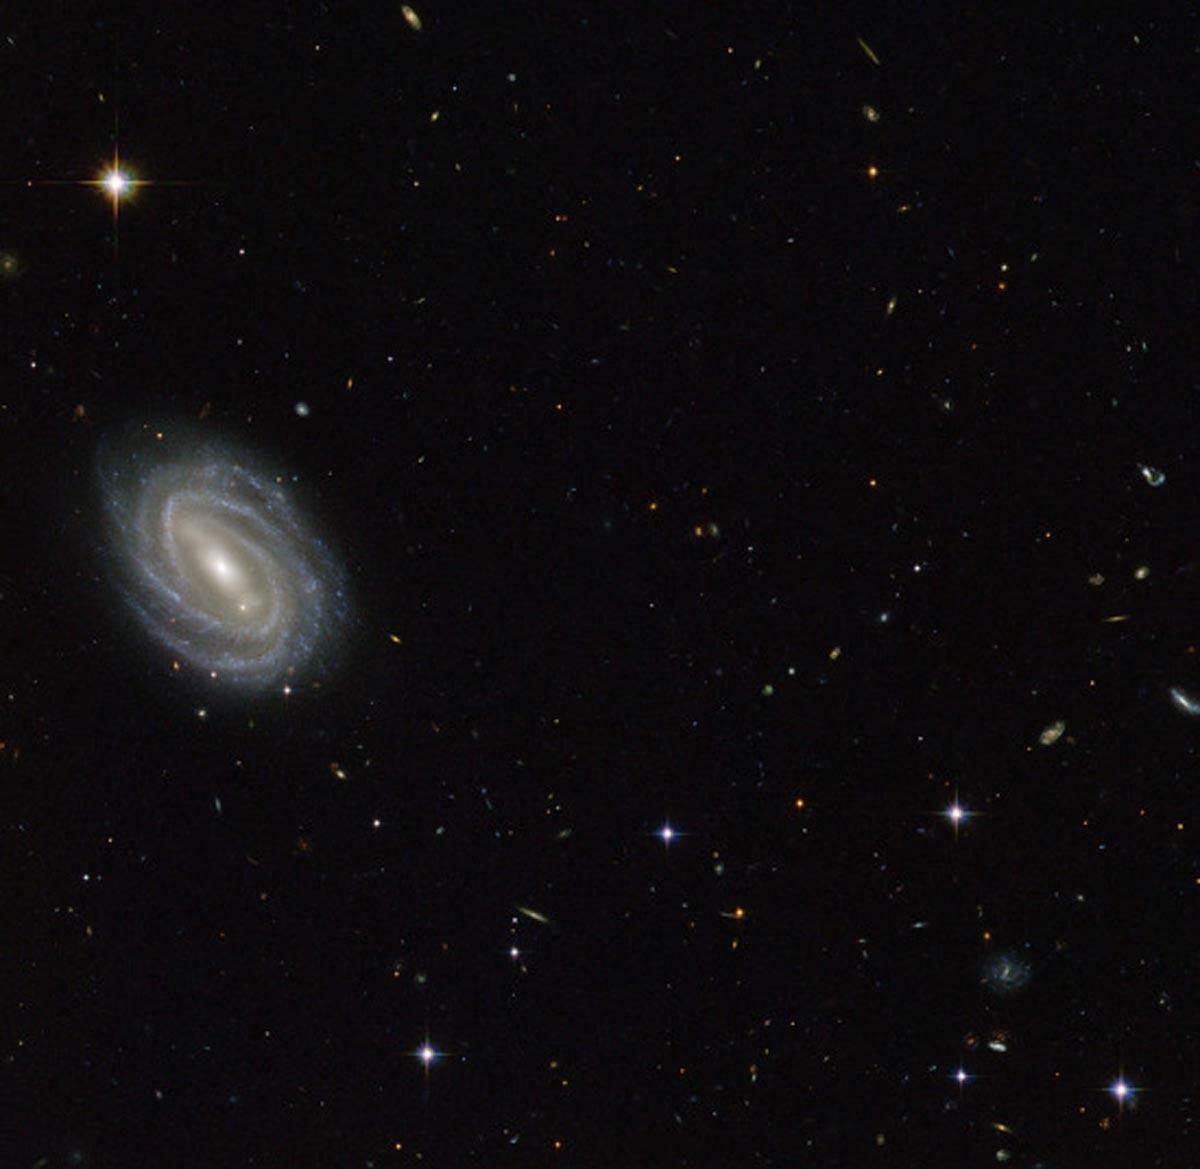 19. Magnifique image de la galaxie spirale PGC 54493, située dans la constellation du serpent. (Photo : NASA/ESA/Hubble)